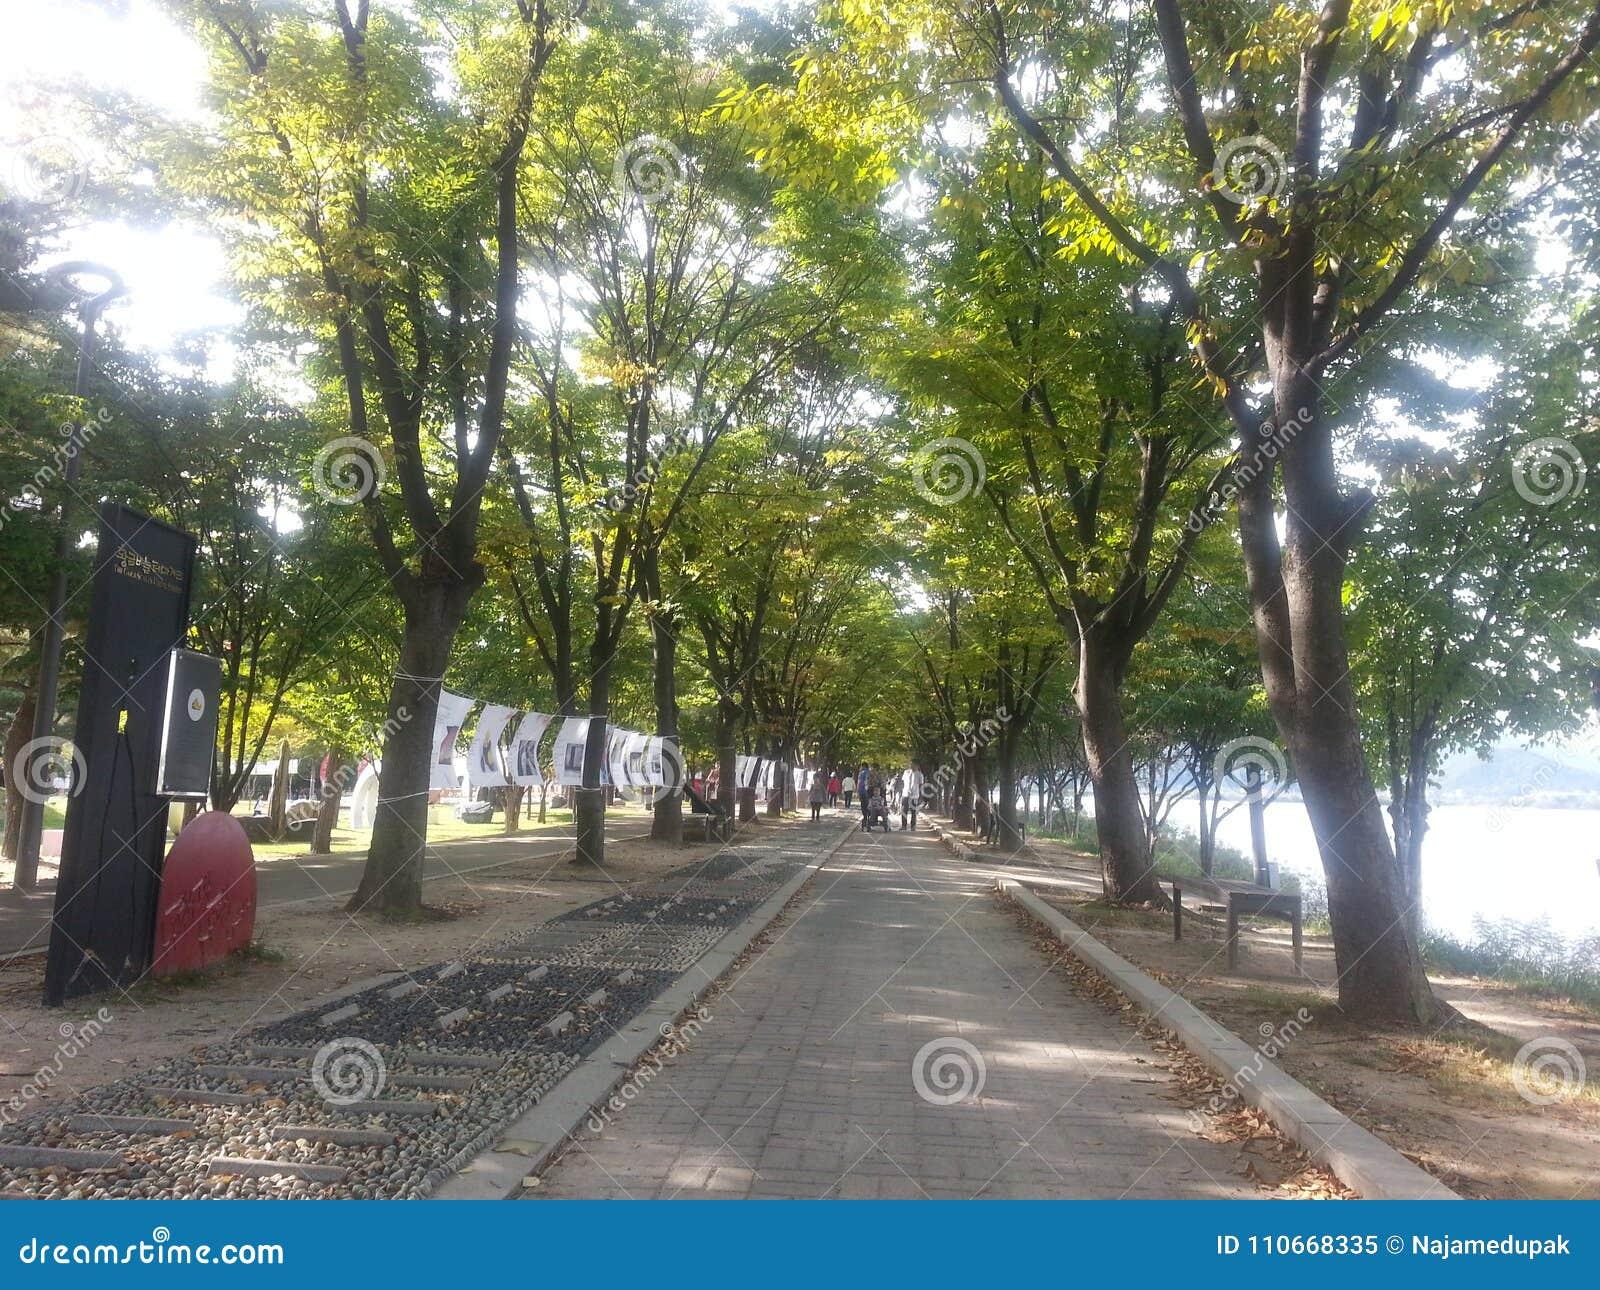 Den stenlade fot- vägen eller går vägen med träd på sidor för allmänhet går